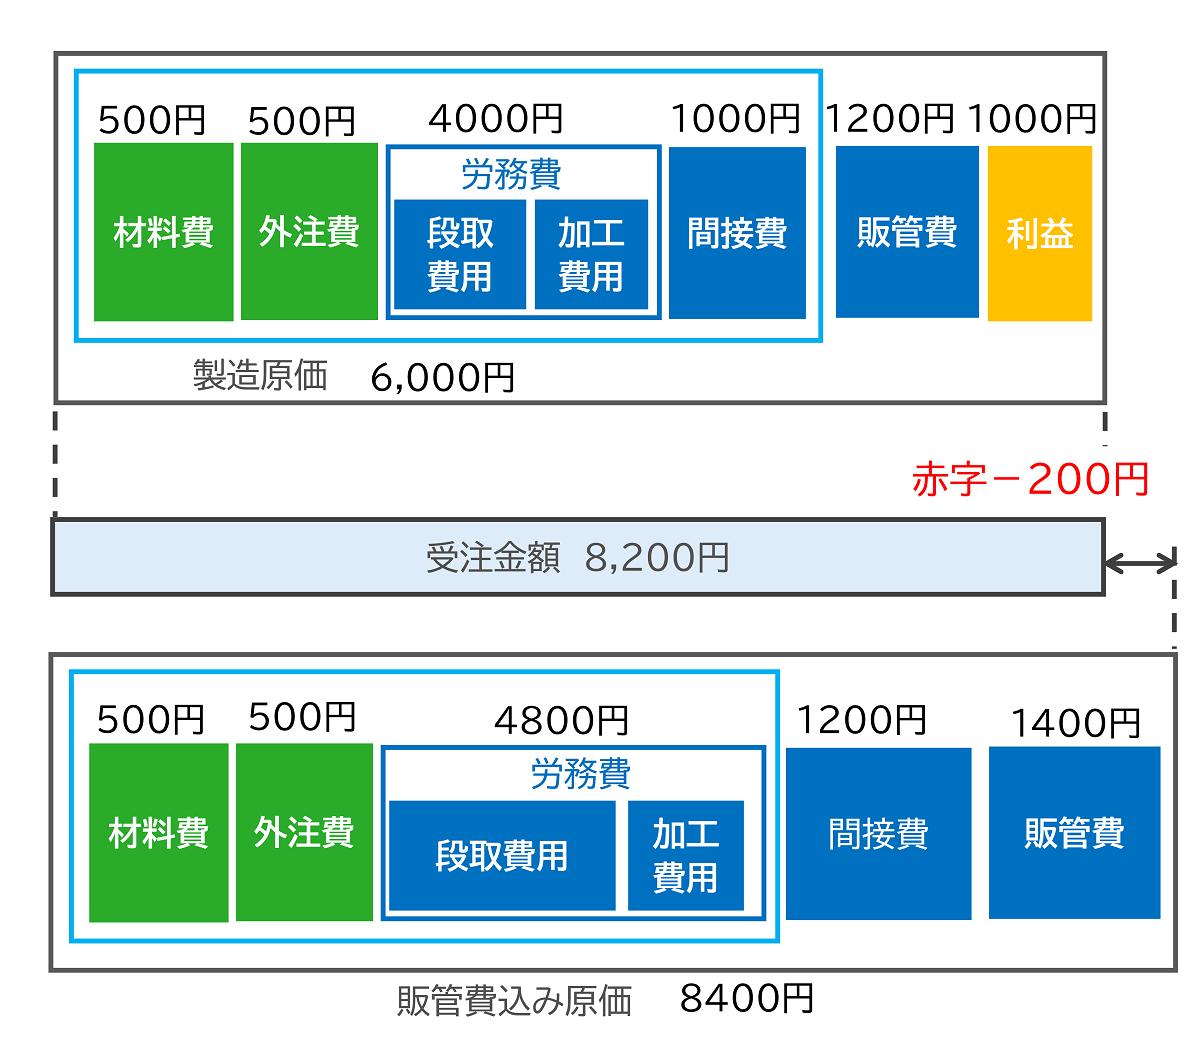 図1 多品種少量生産・単品生産の個別原価